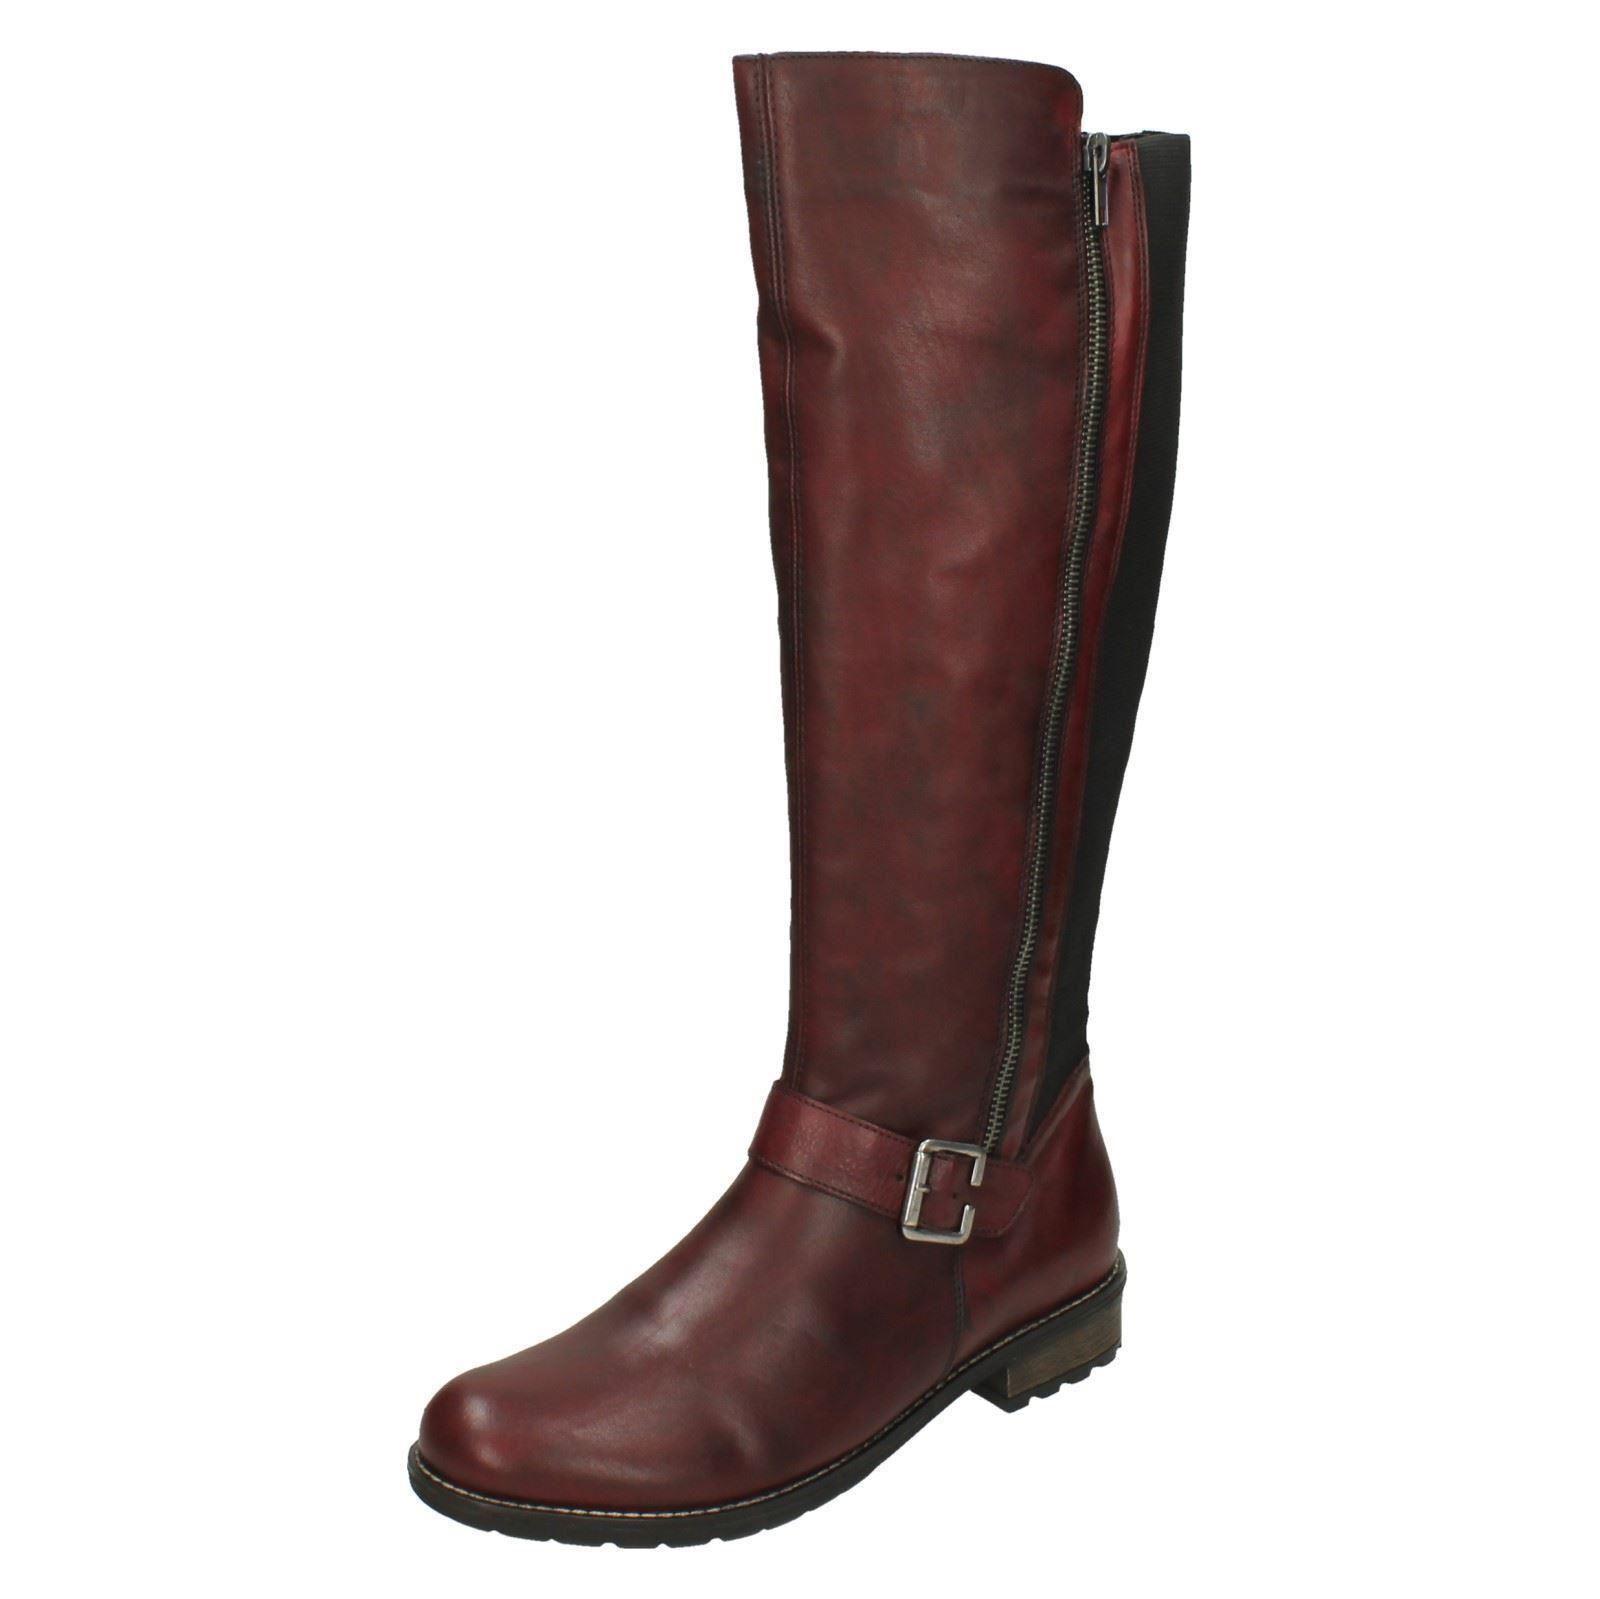 Damen Remonte R3358 rotes Leder warm warm warm gefüttert lange Stiefel d97084